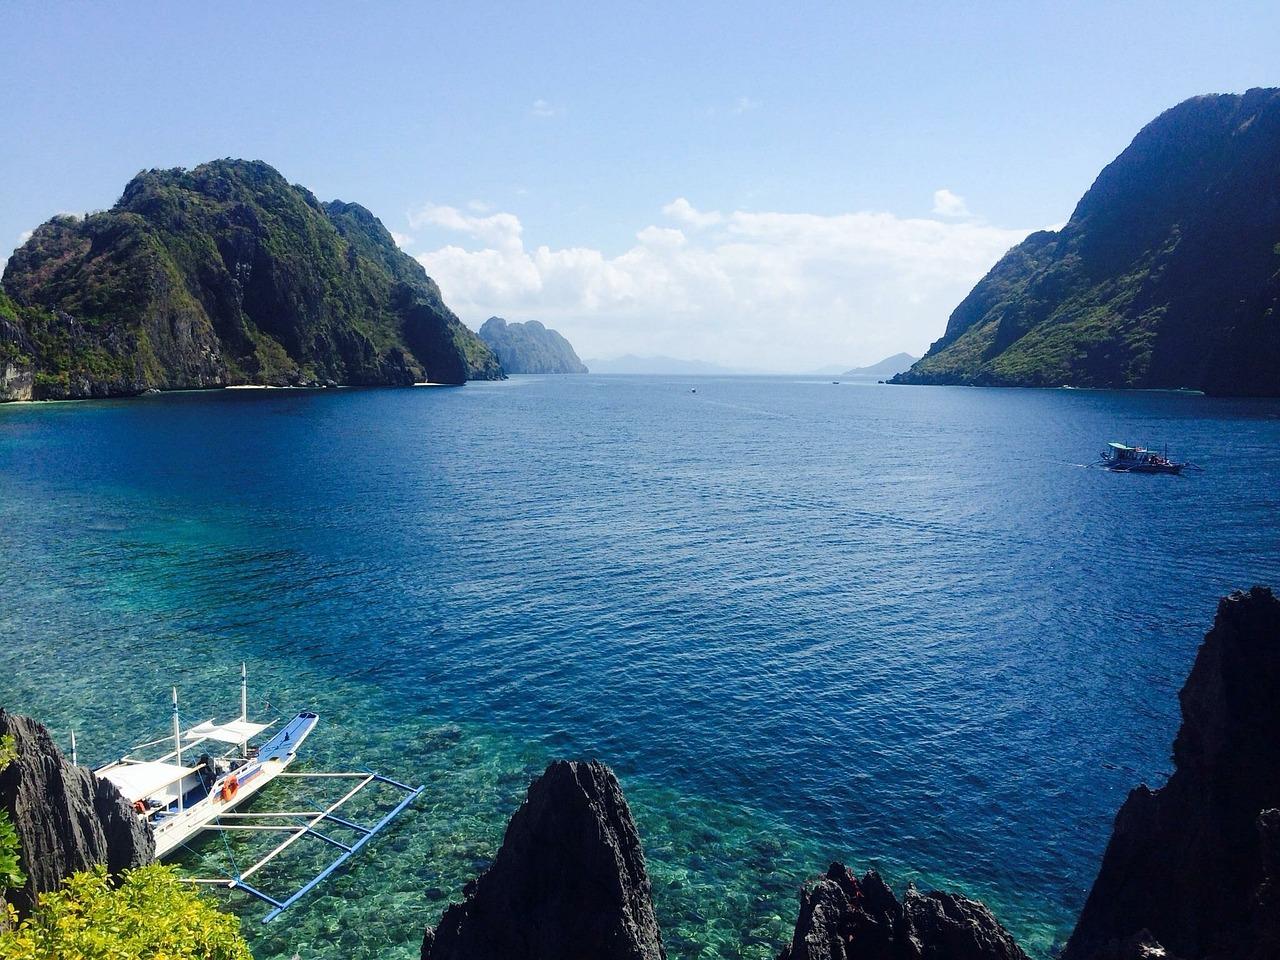 Philppines Beautiful Islands